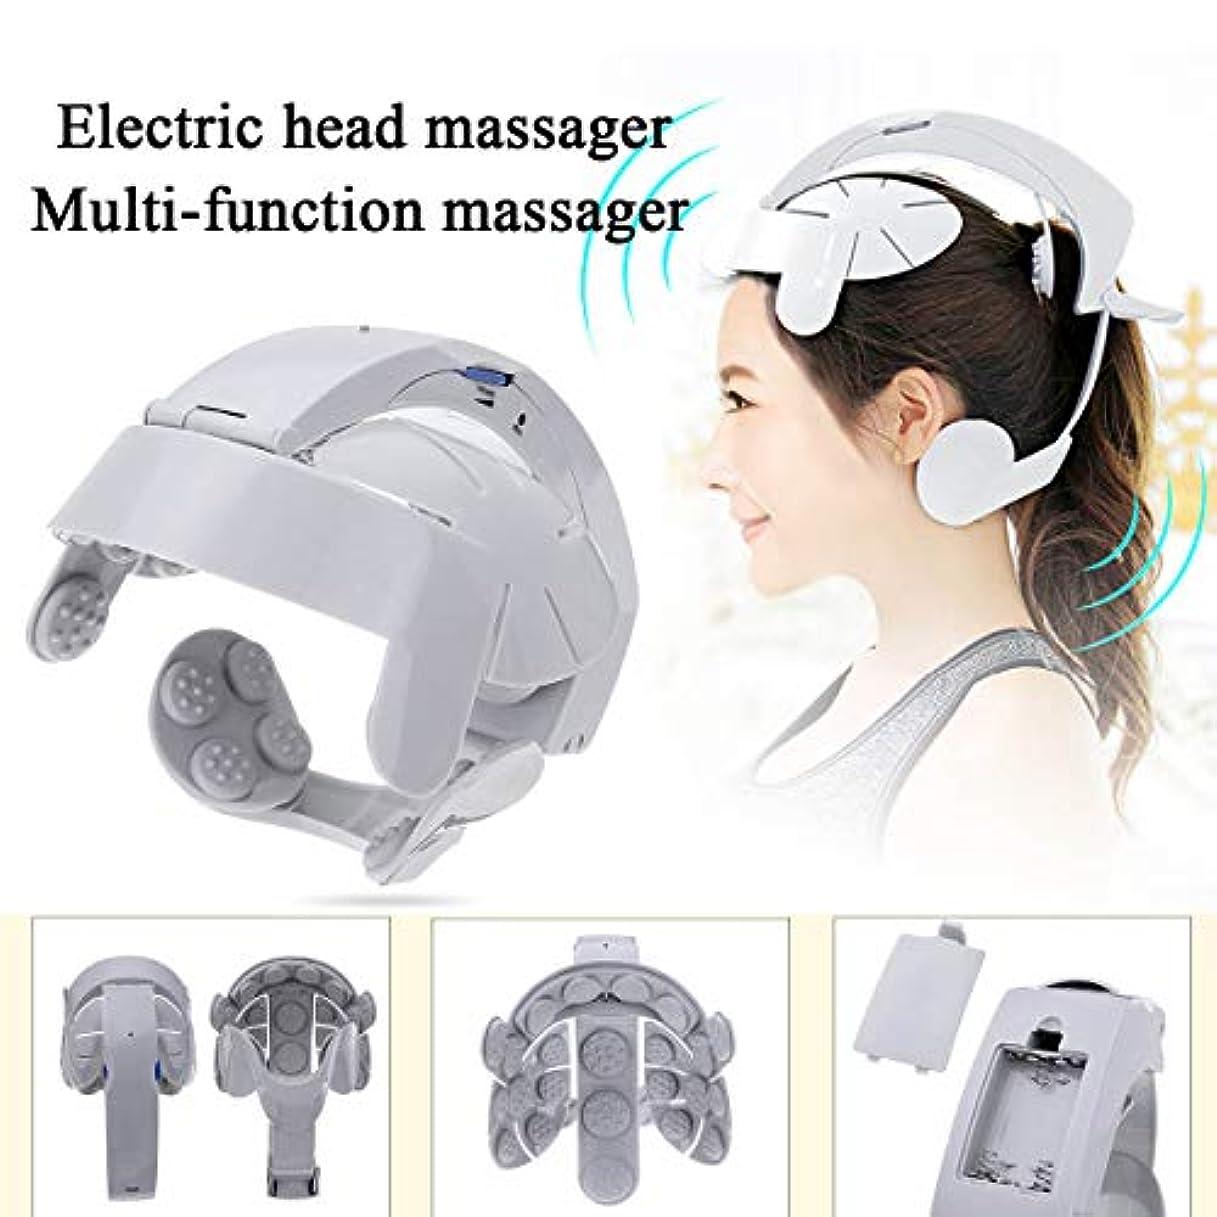 抑圧する作る切り離す電気ヘッドマッサージの振動マッサージ簡単な脳マッサージ器ストレスリリーフとより良い睡眠経穴ストレス解放機